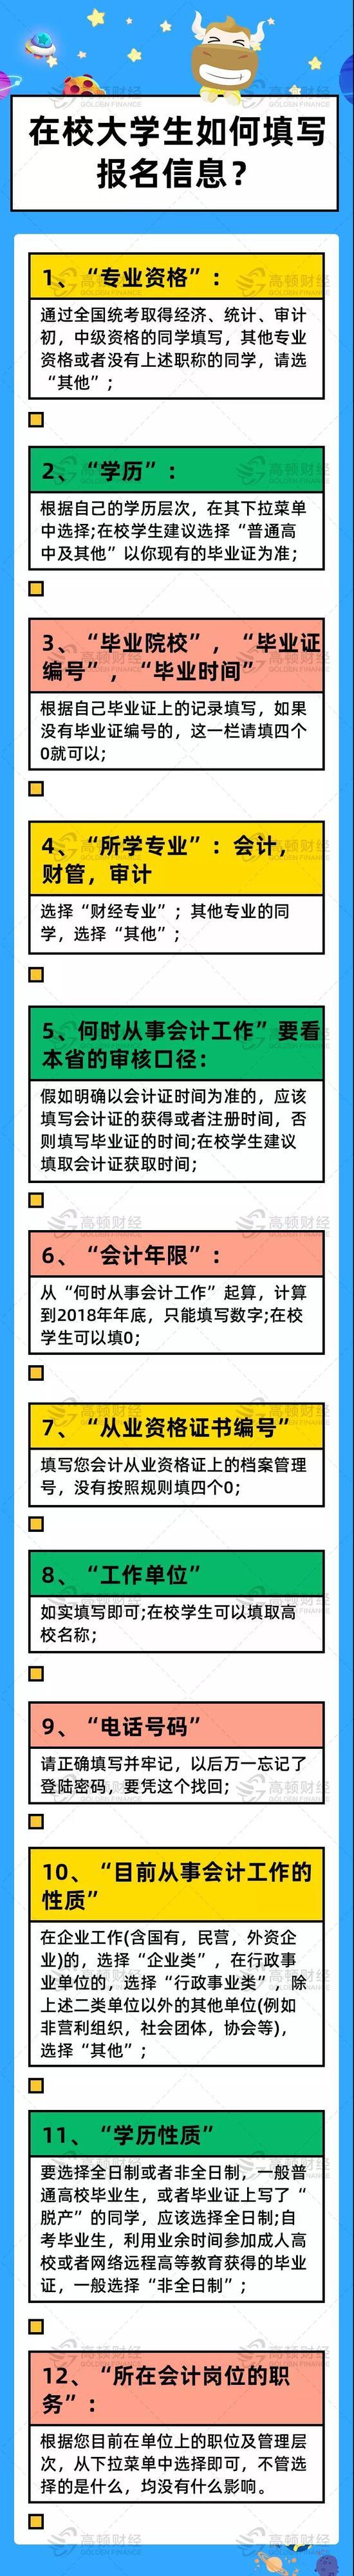 http://www.jiaokaotong.cn/kaoyangongbo/285276.html